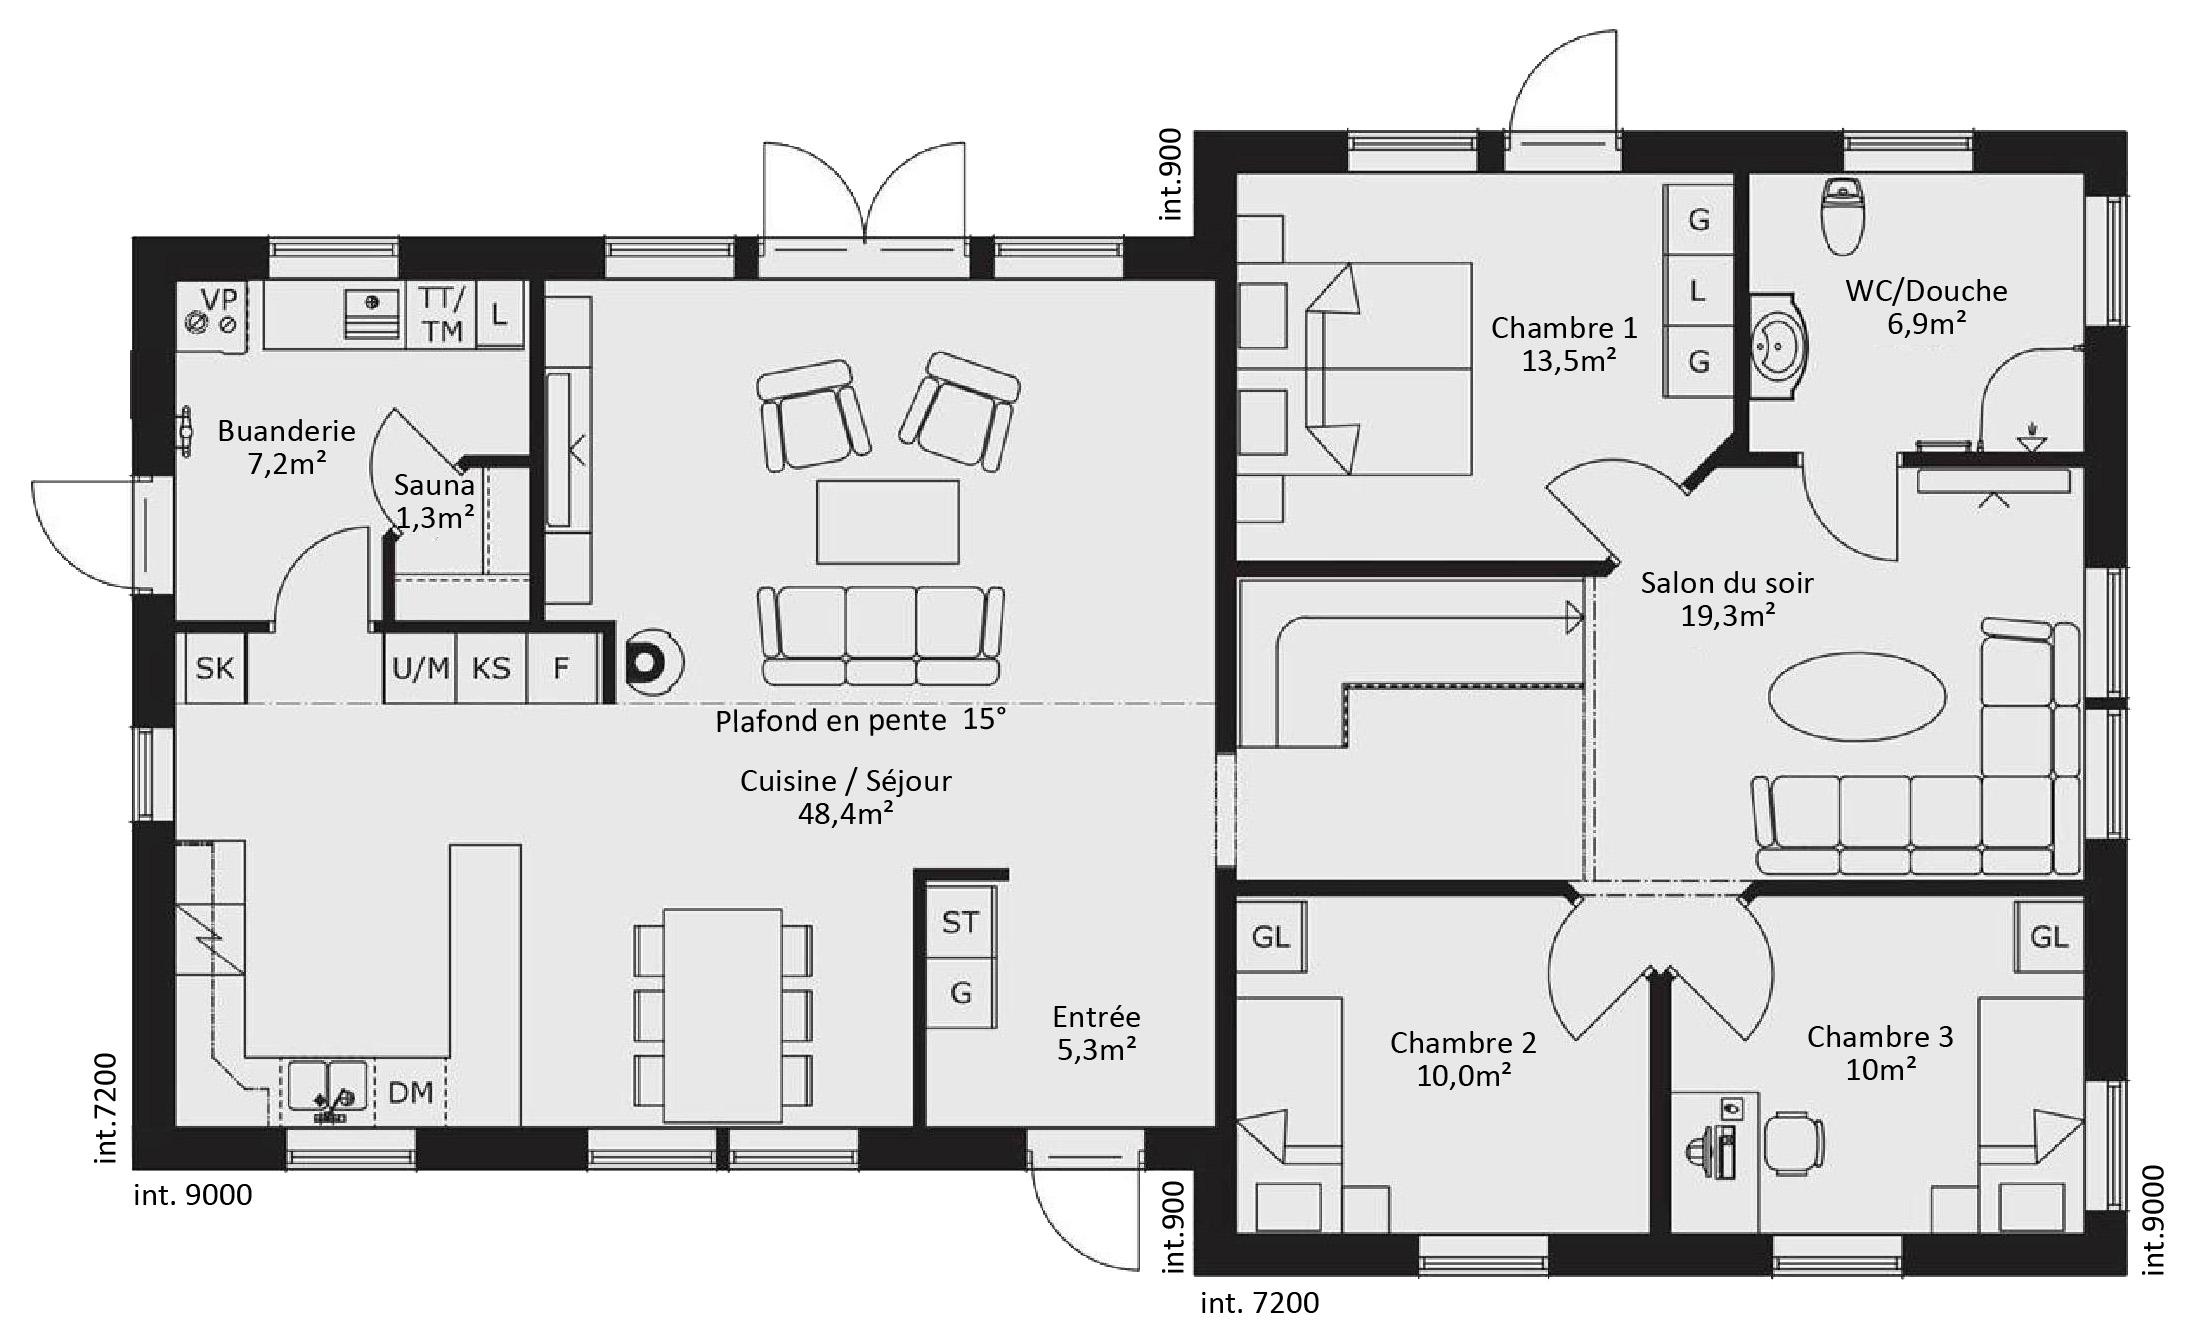 Plan maison en bois contemporaine maison moderne for Plan maison moderne en bois